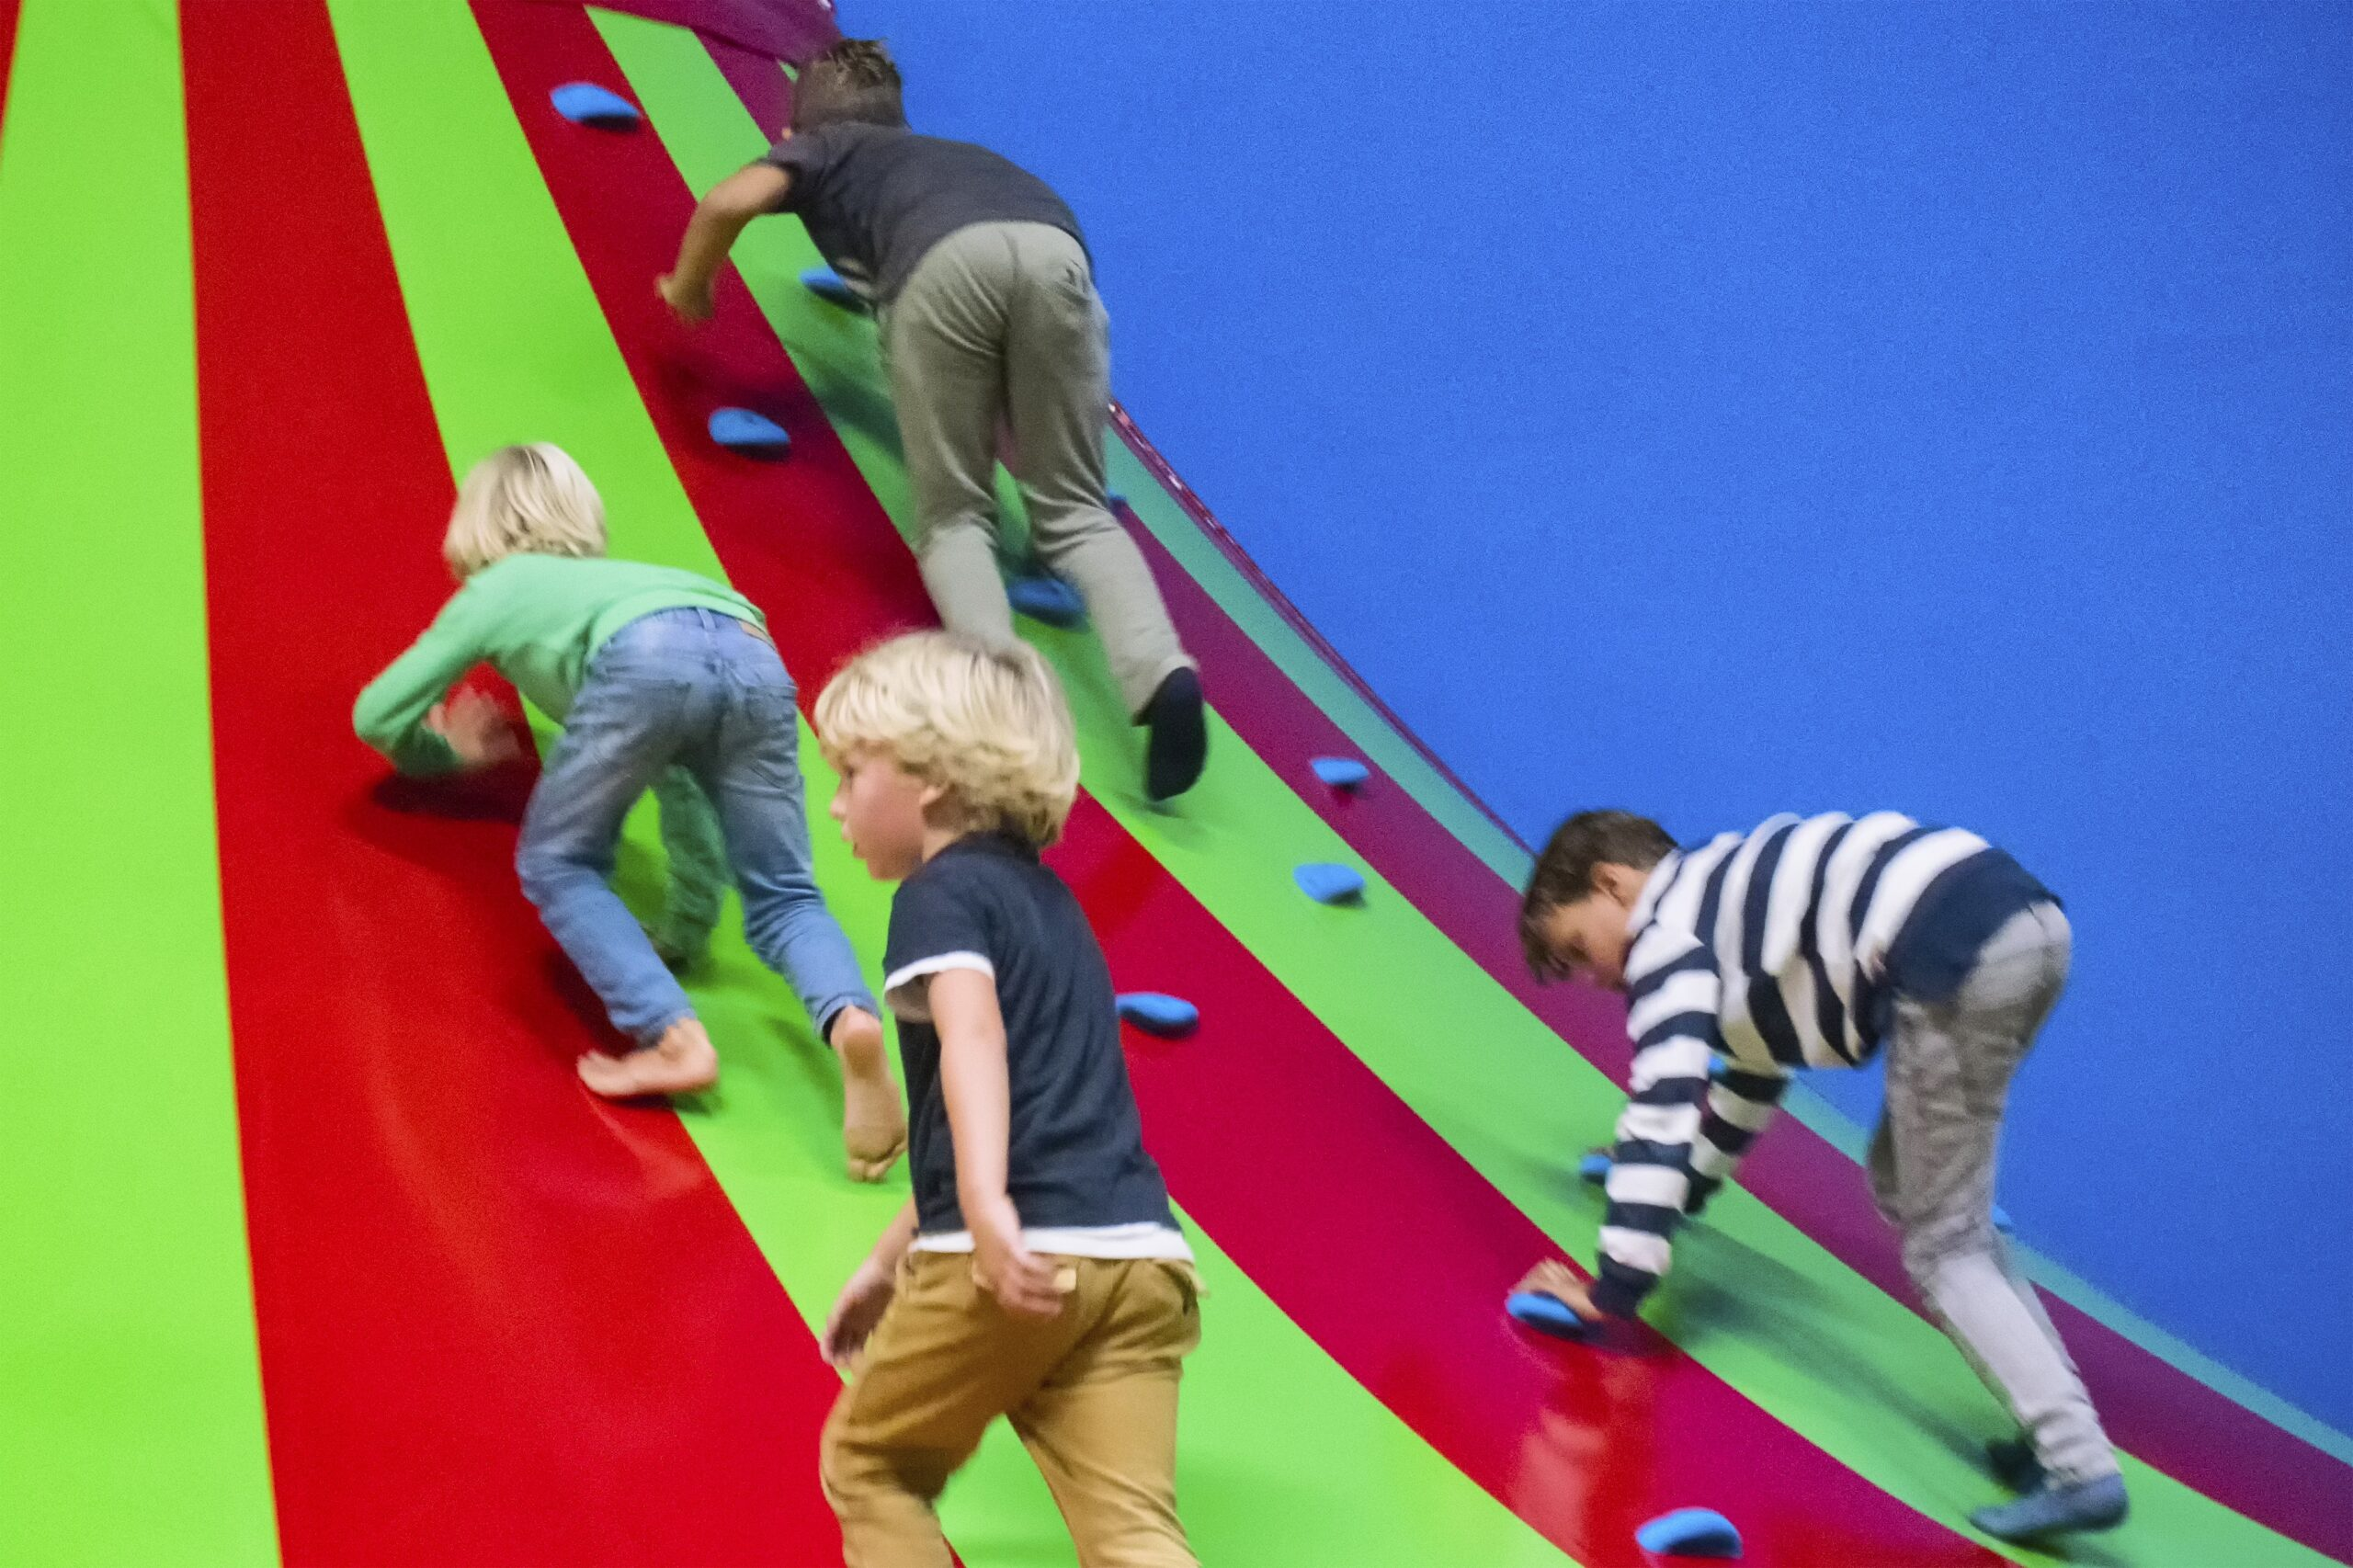 Kinderen klimmen op de klautertoren bij Jimmy's Speelparadijs in Amsterdam.